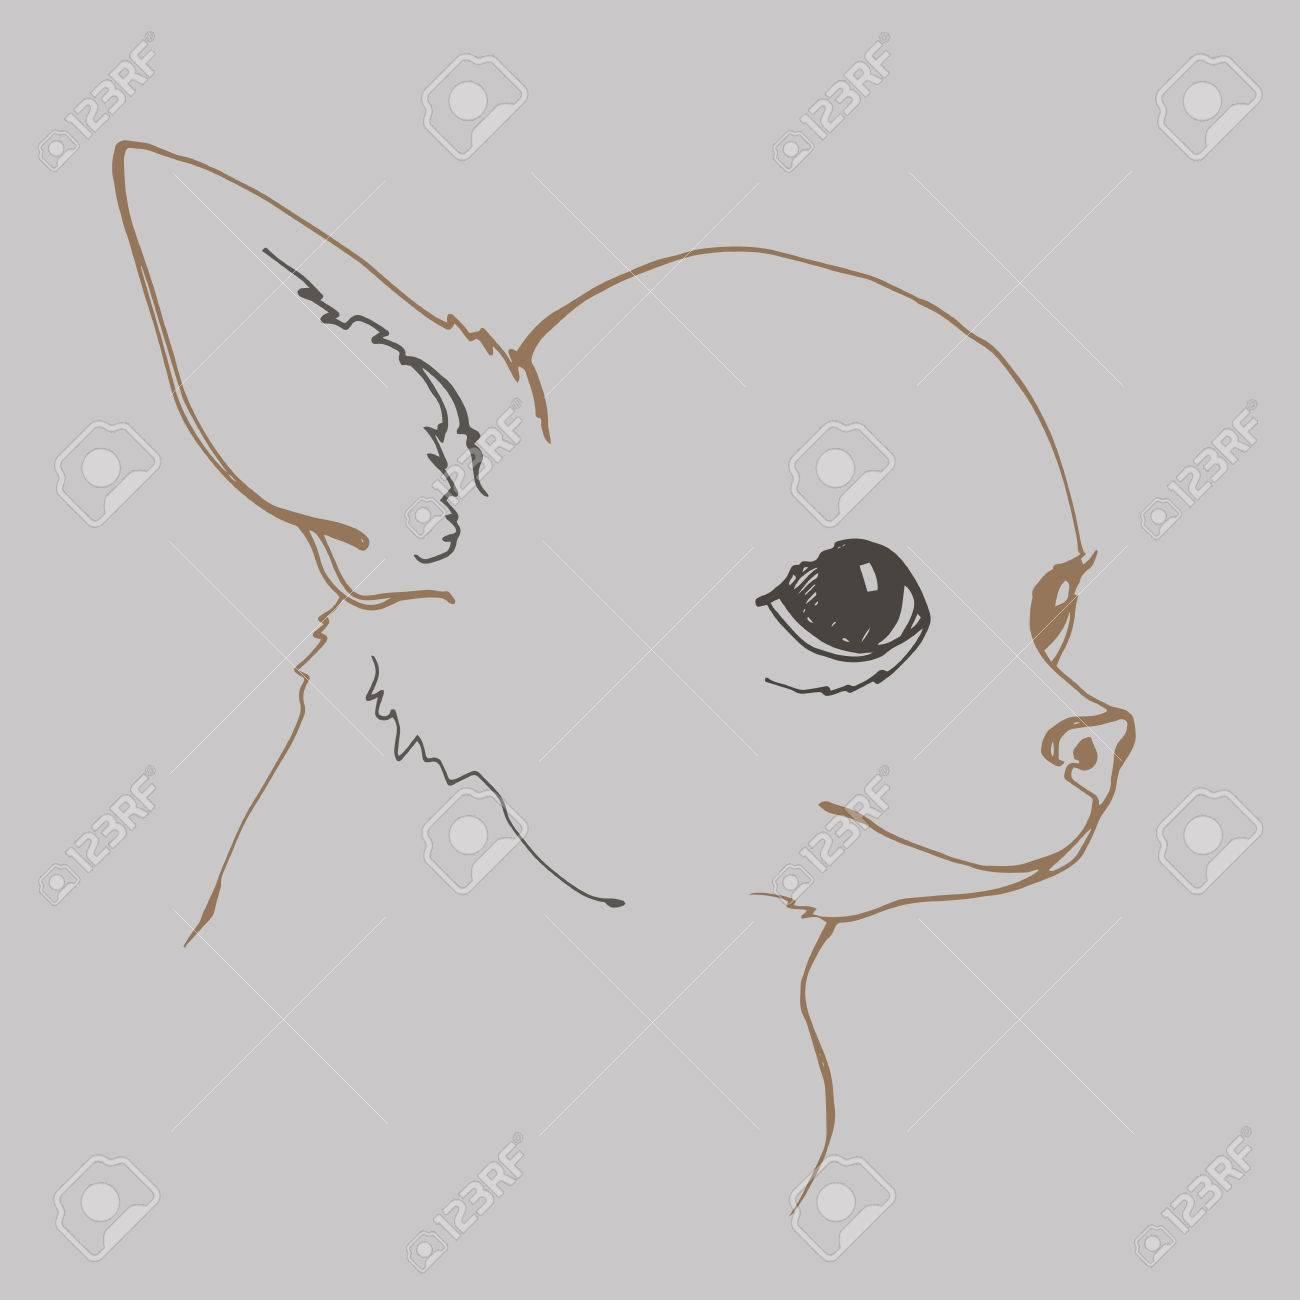 犬ベクトル小さい図面イラスト動物かわいいのイラスト素材ベクタ